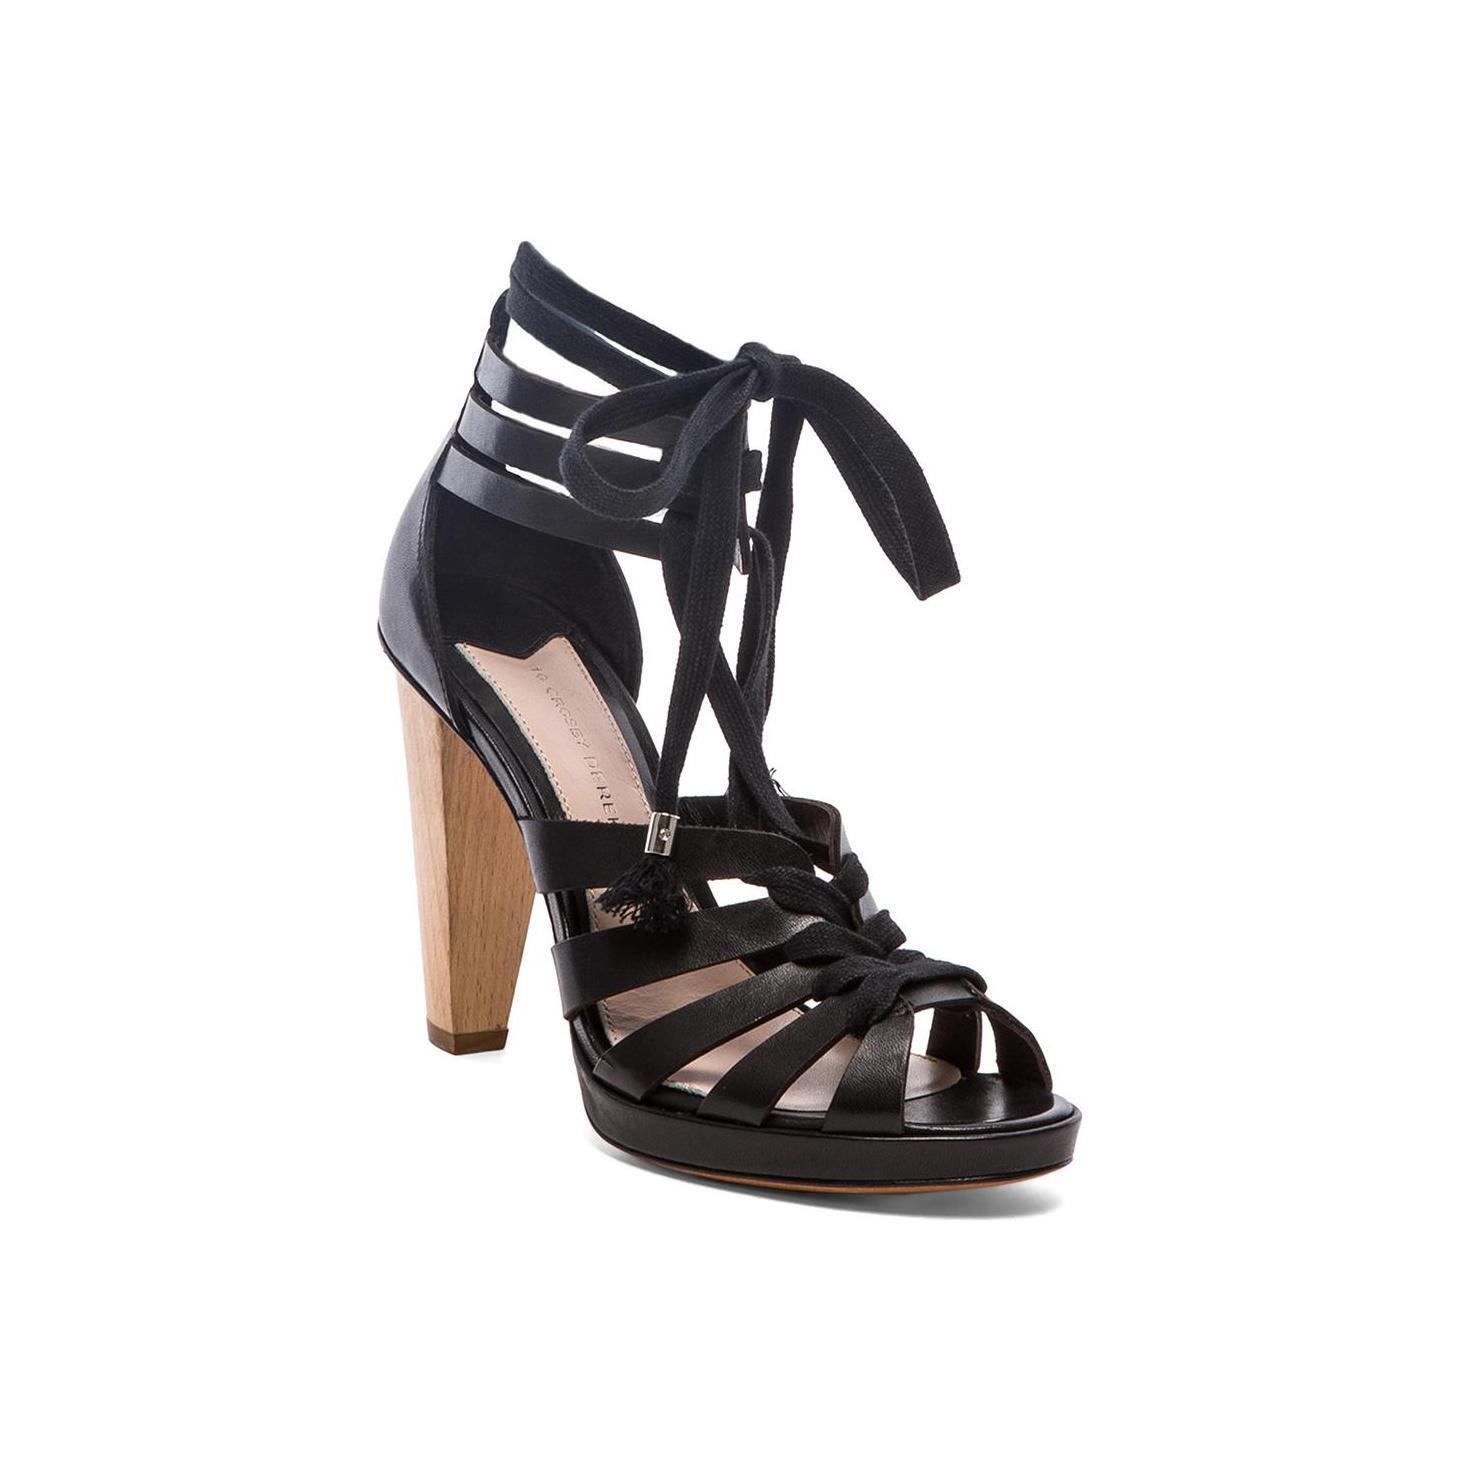 per poco costoso Derek Derek Derek lam 10 crosby jasmin Donna lace-up gladiator pump wood high heels 10 40  marche online vendita a basso costo